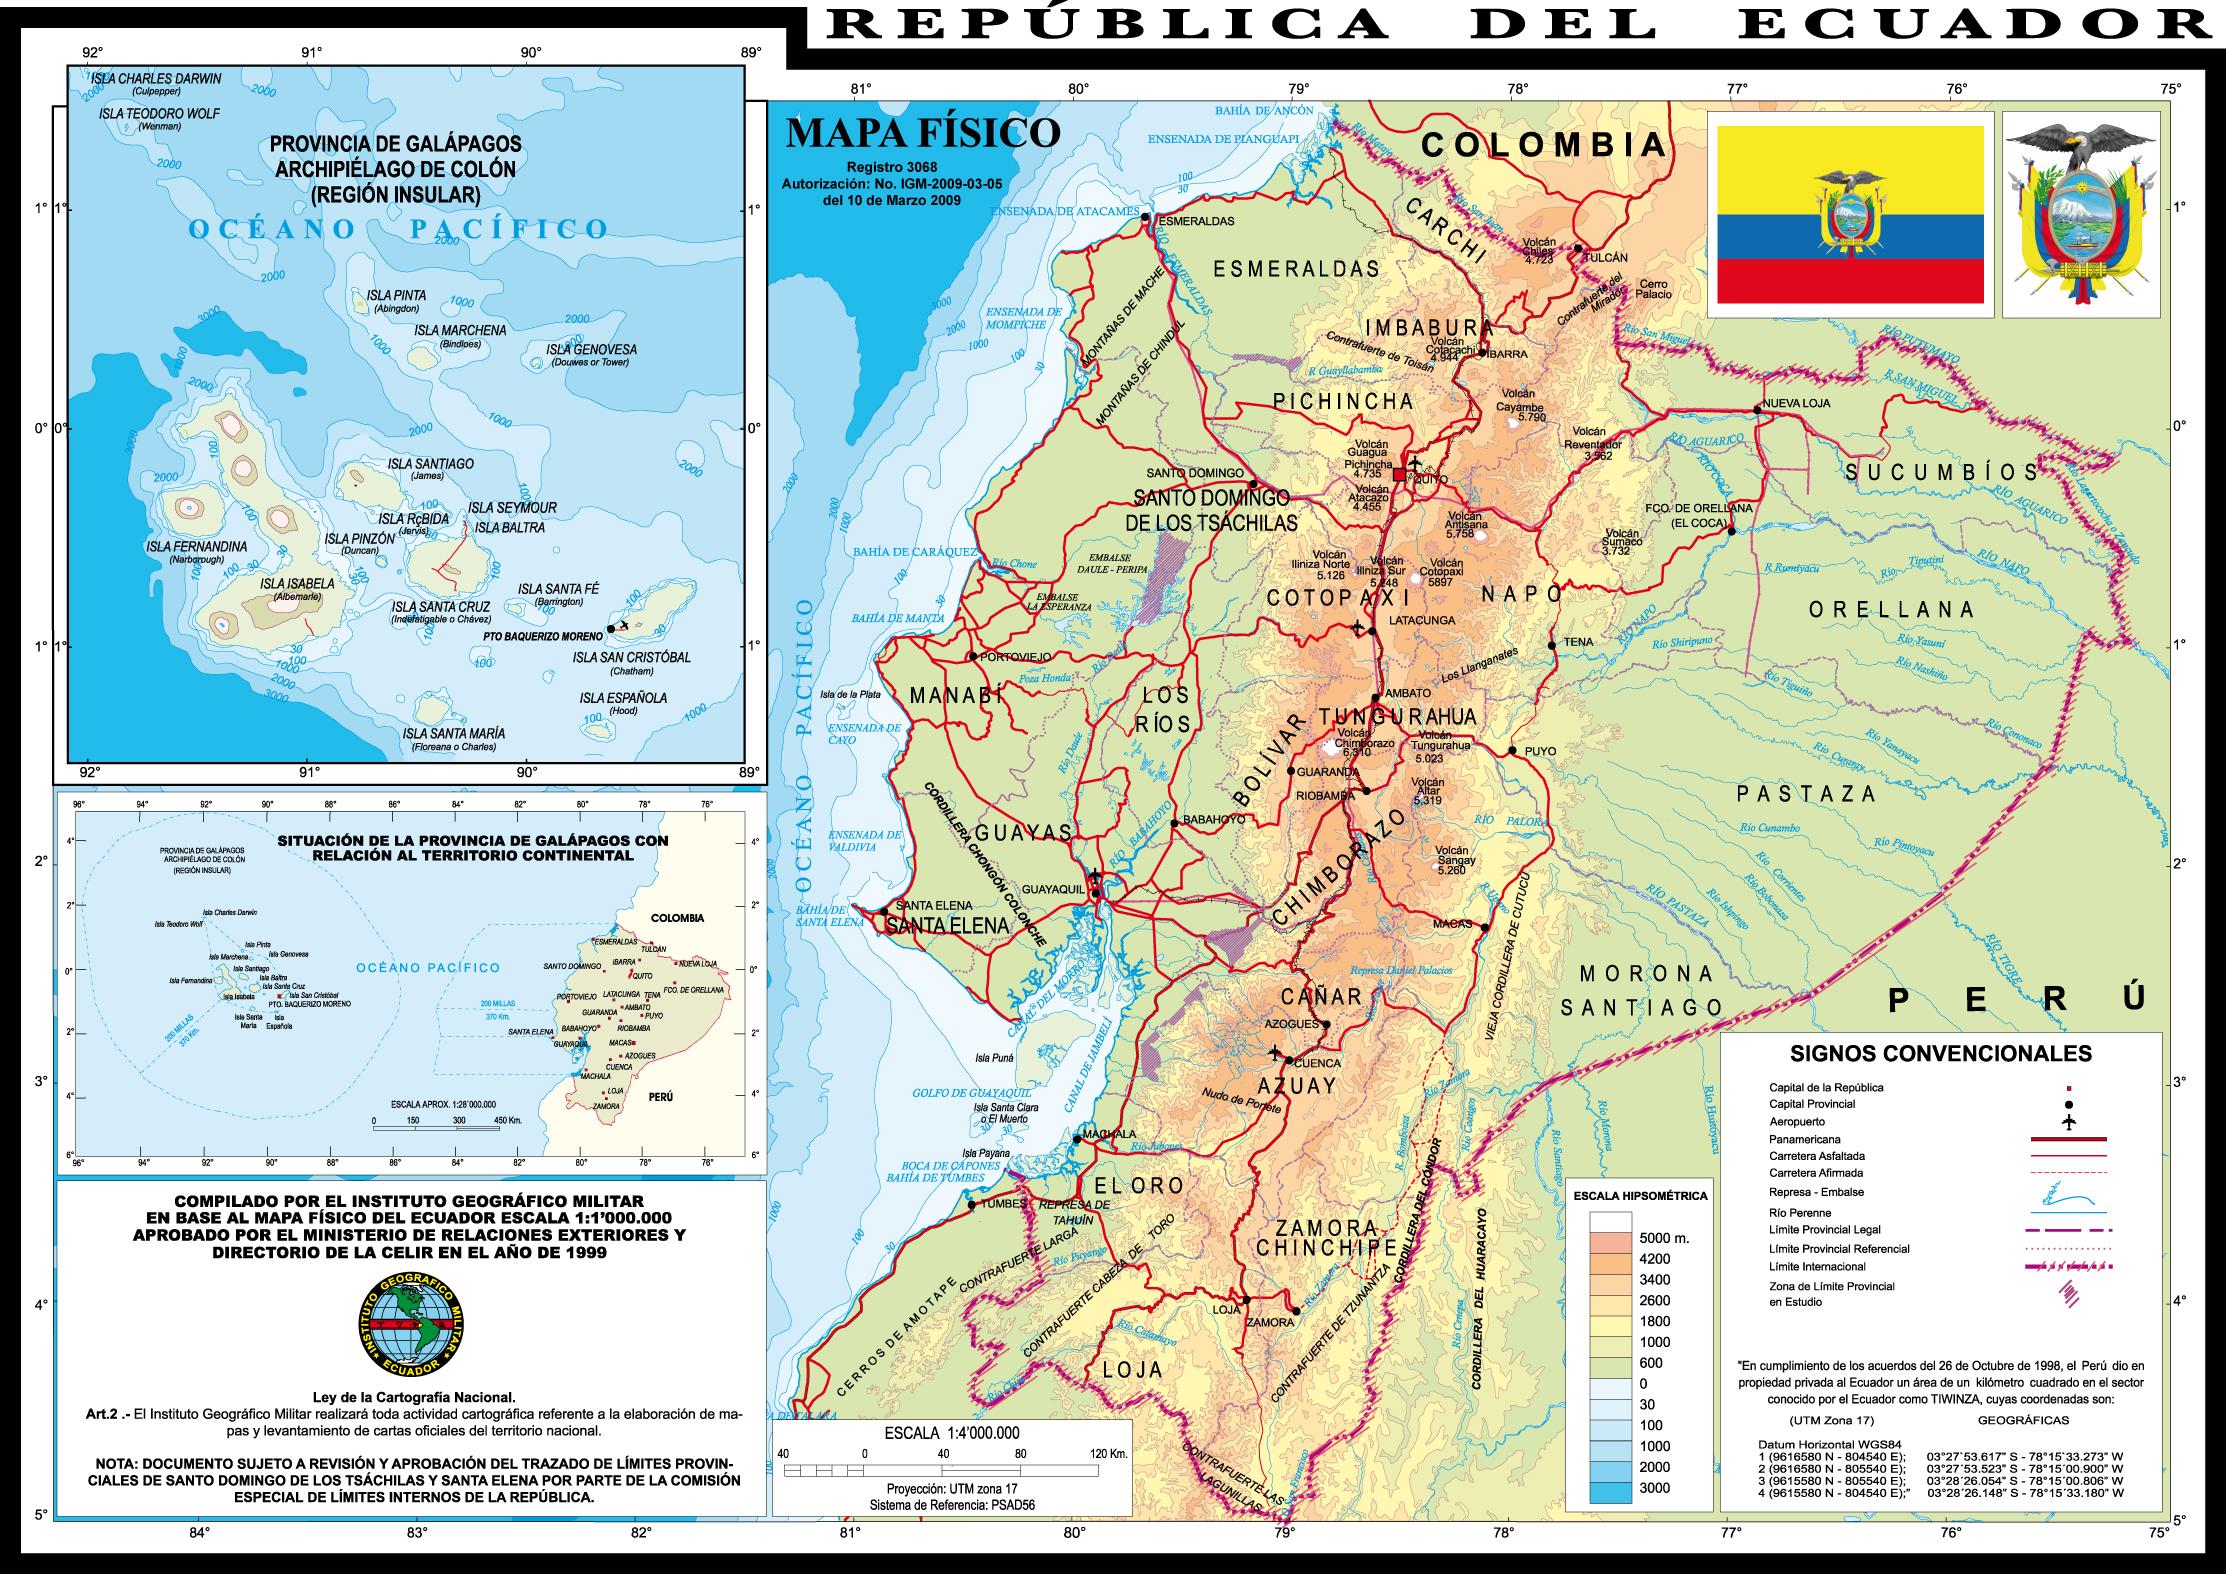 Mapa físico del Ecuador 1999